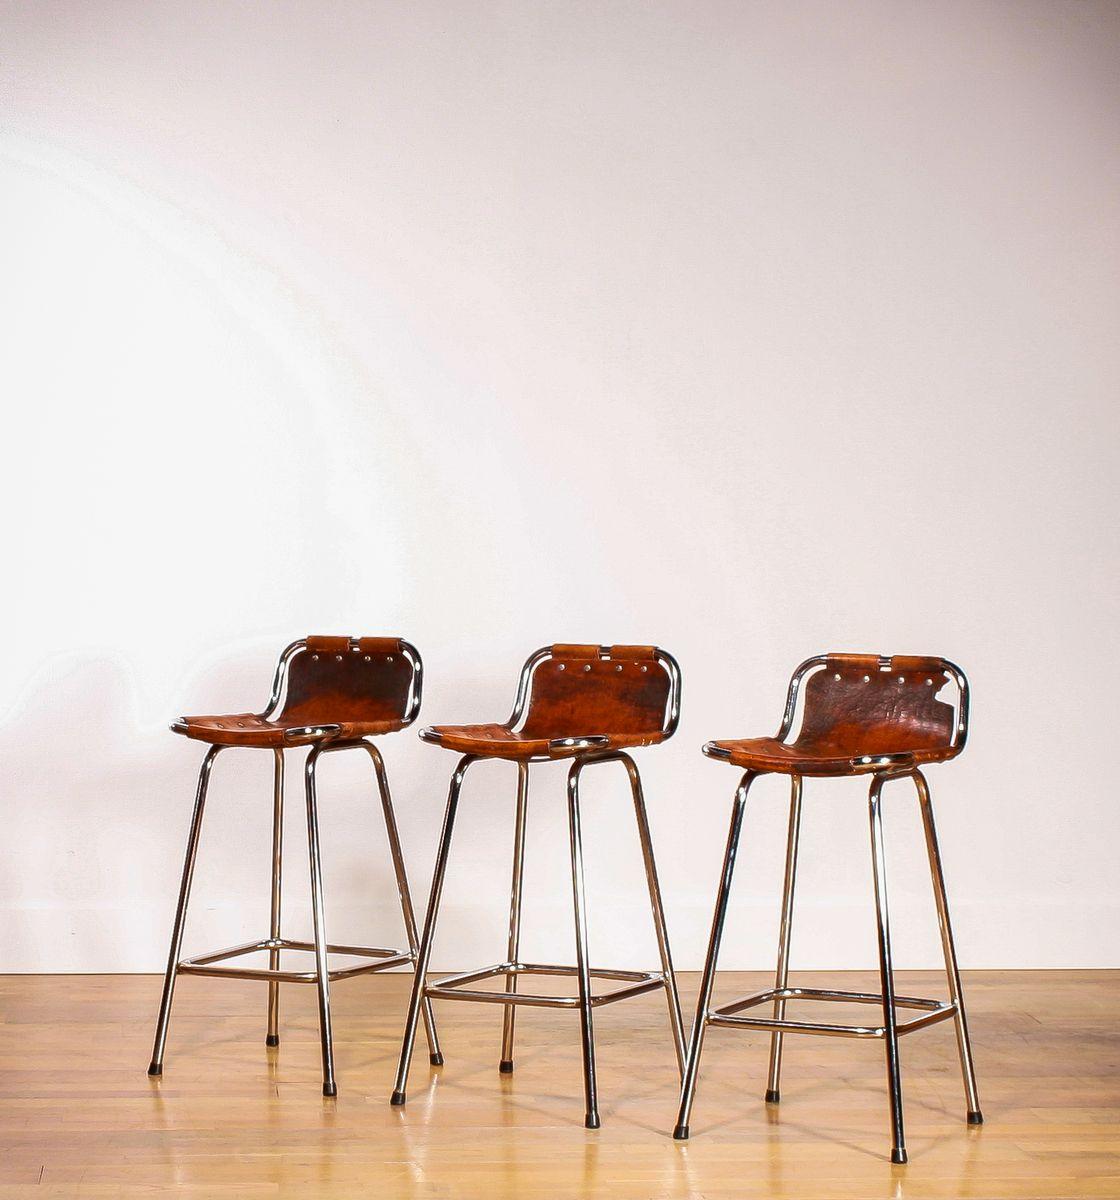 tabourets de bar par charlotte perriand pour les arcs ski. Black Bedroom Furniture Sets. Home Design Ideas